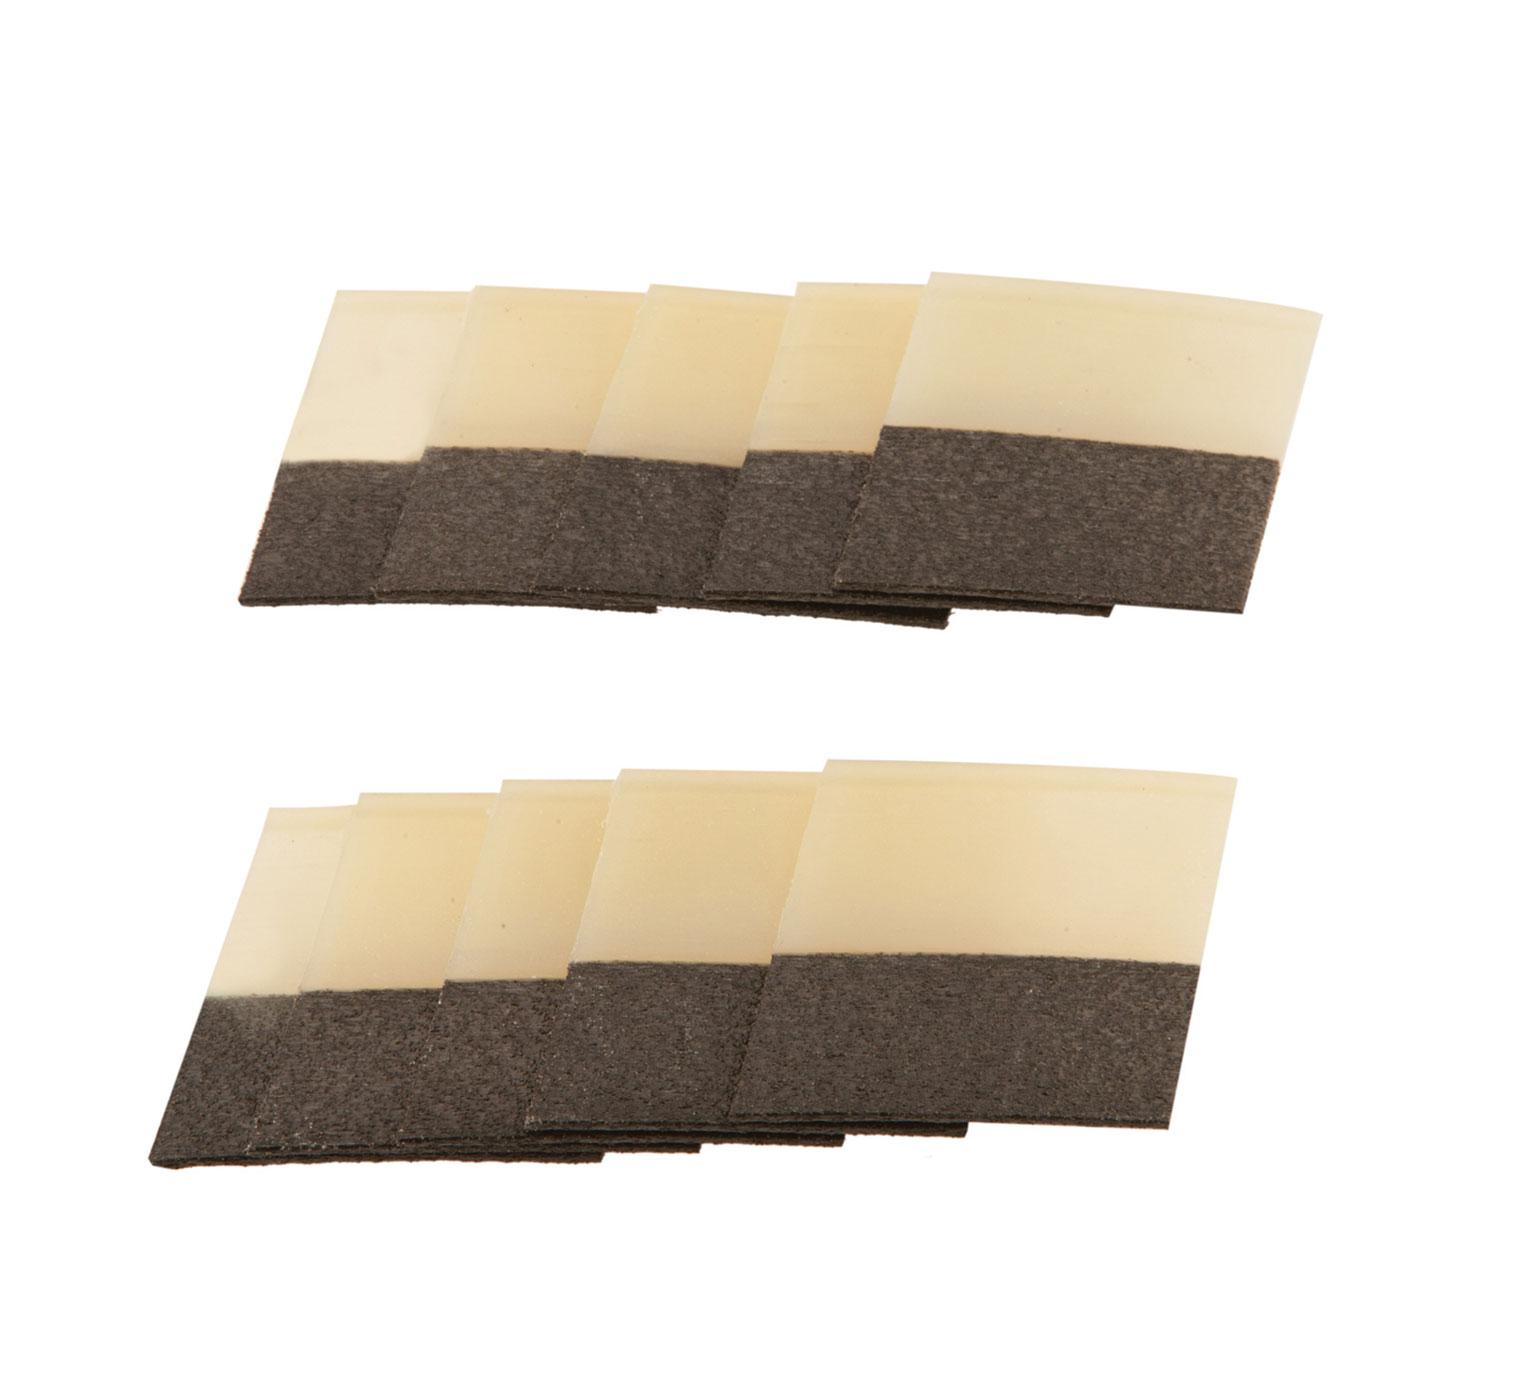 Diamabrush 100 Grit Black Polymer Tool Replacement Blade Kit Set Of 11 1060180